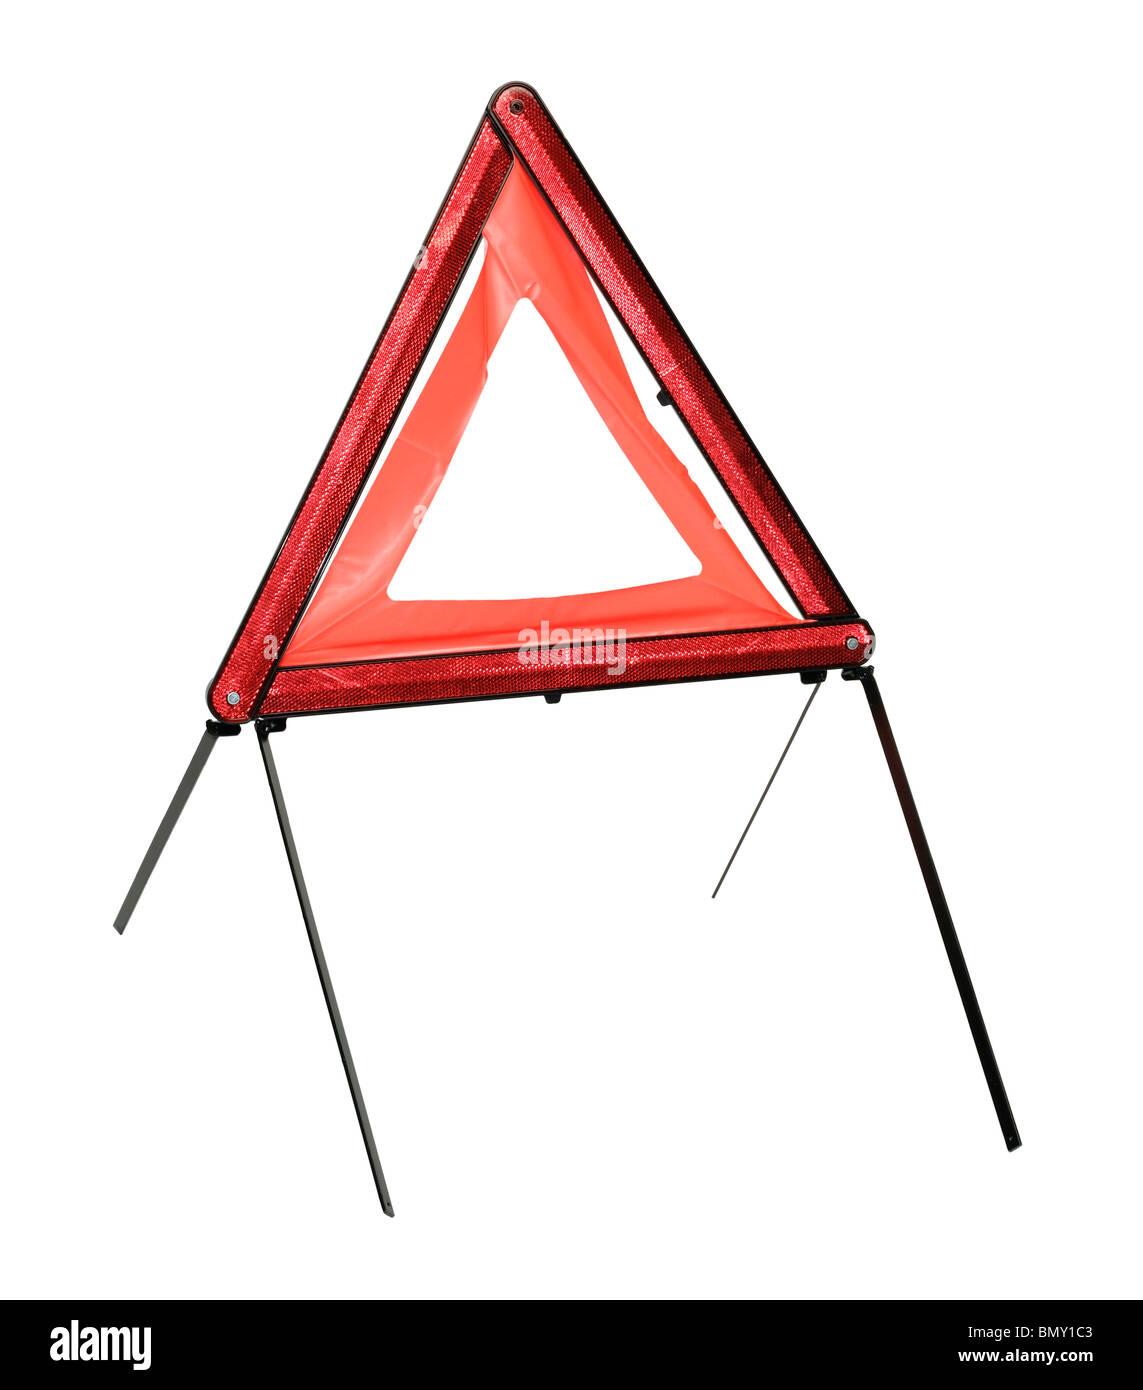 Emergency warning triangle - Stock Image